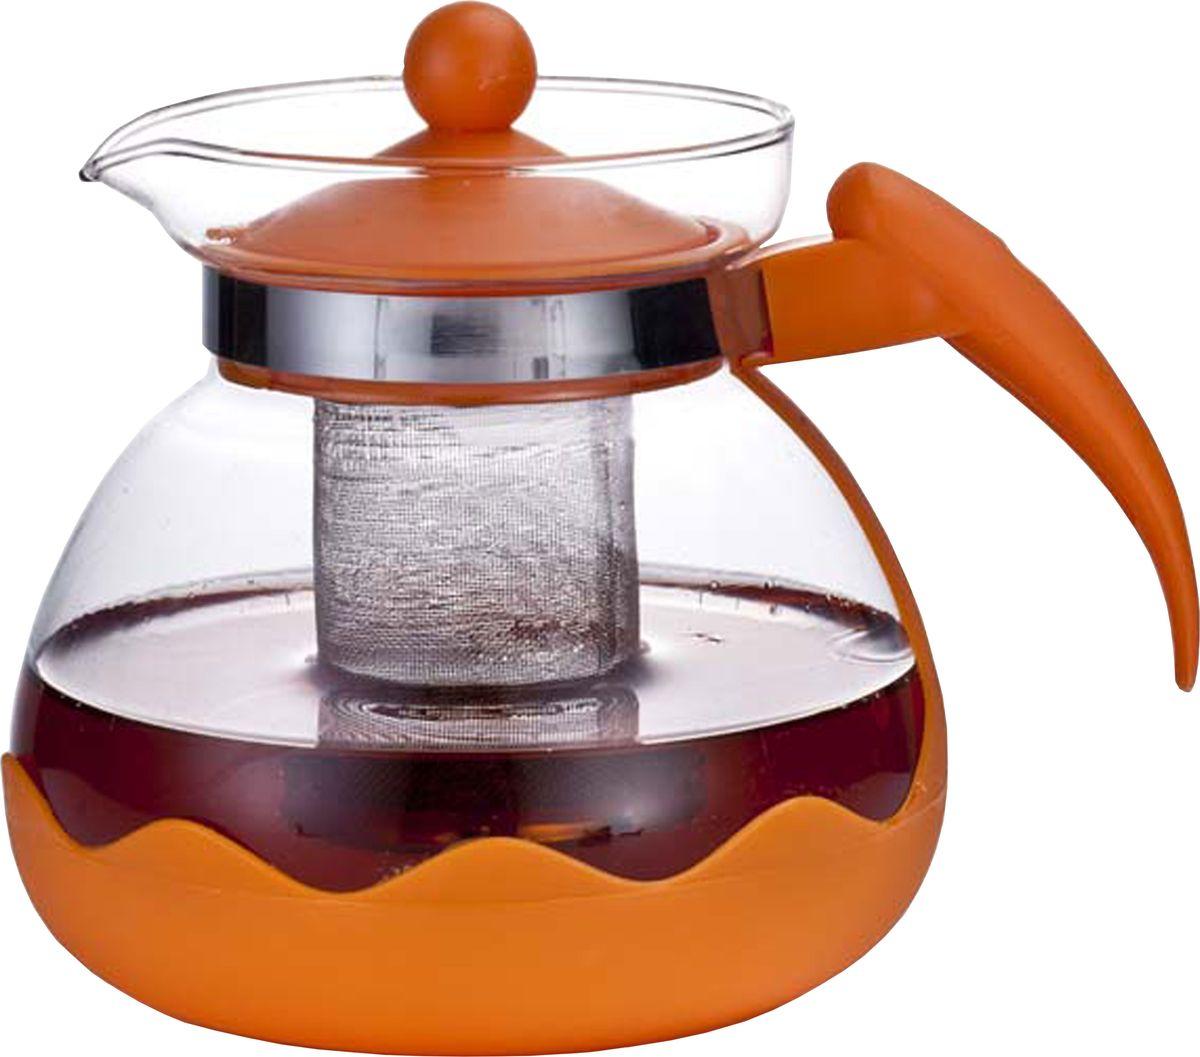 Чайник заварочный Irit, цвет: оранжевый, 1,5 л чайник заварочный irit amp 100 2200 вт белый 1 7 л пластик